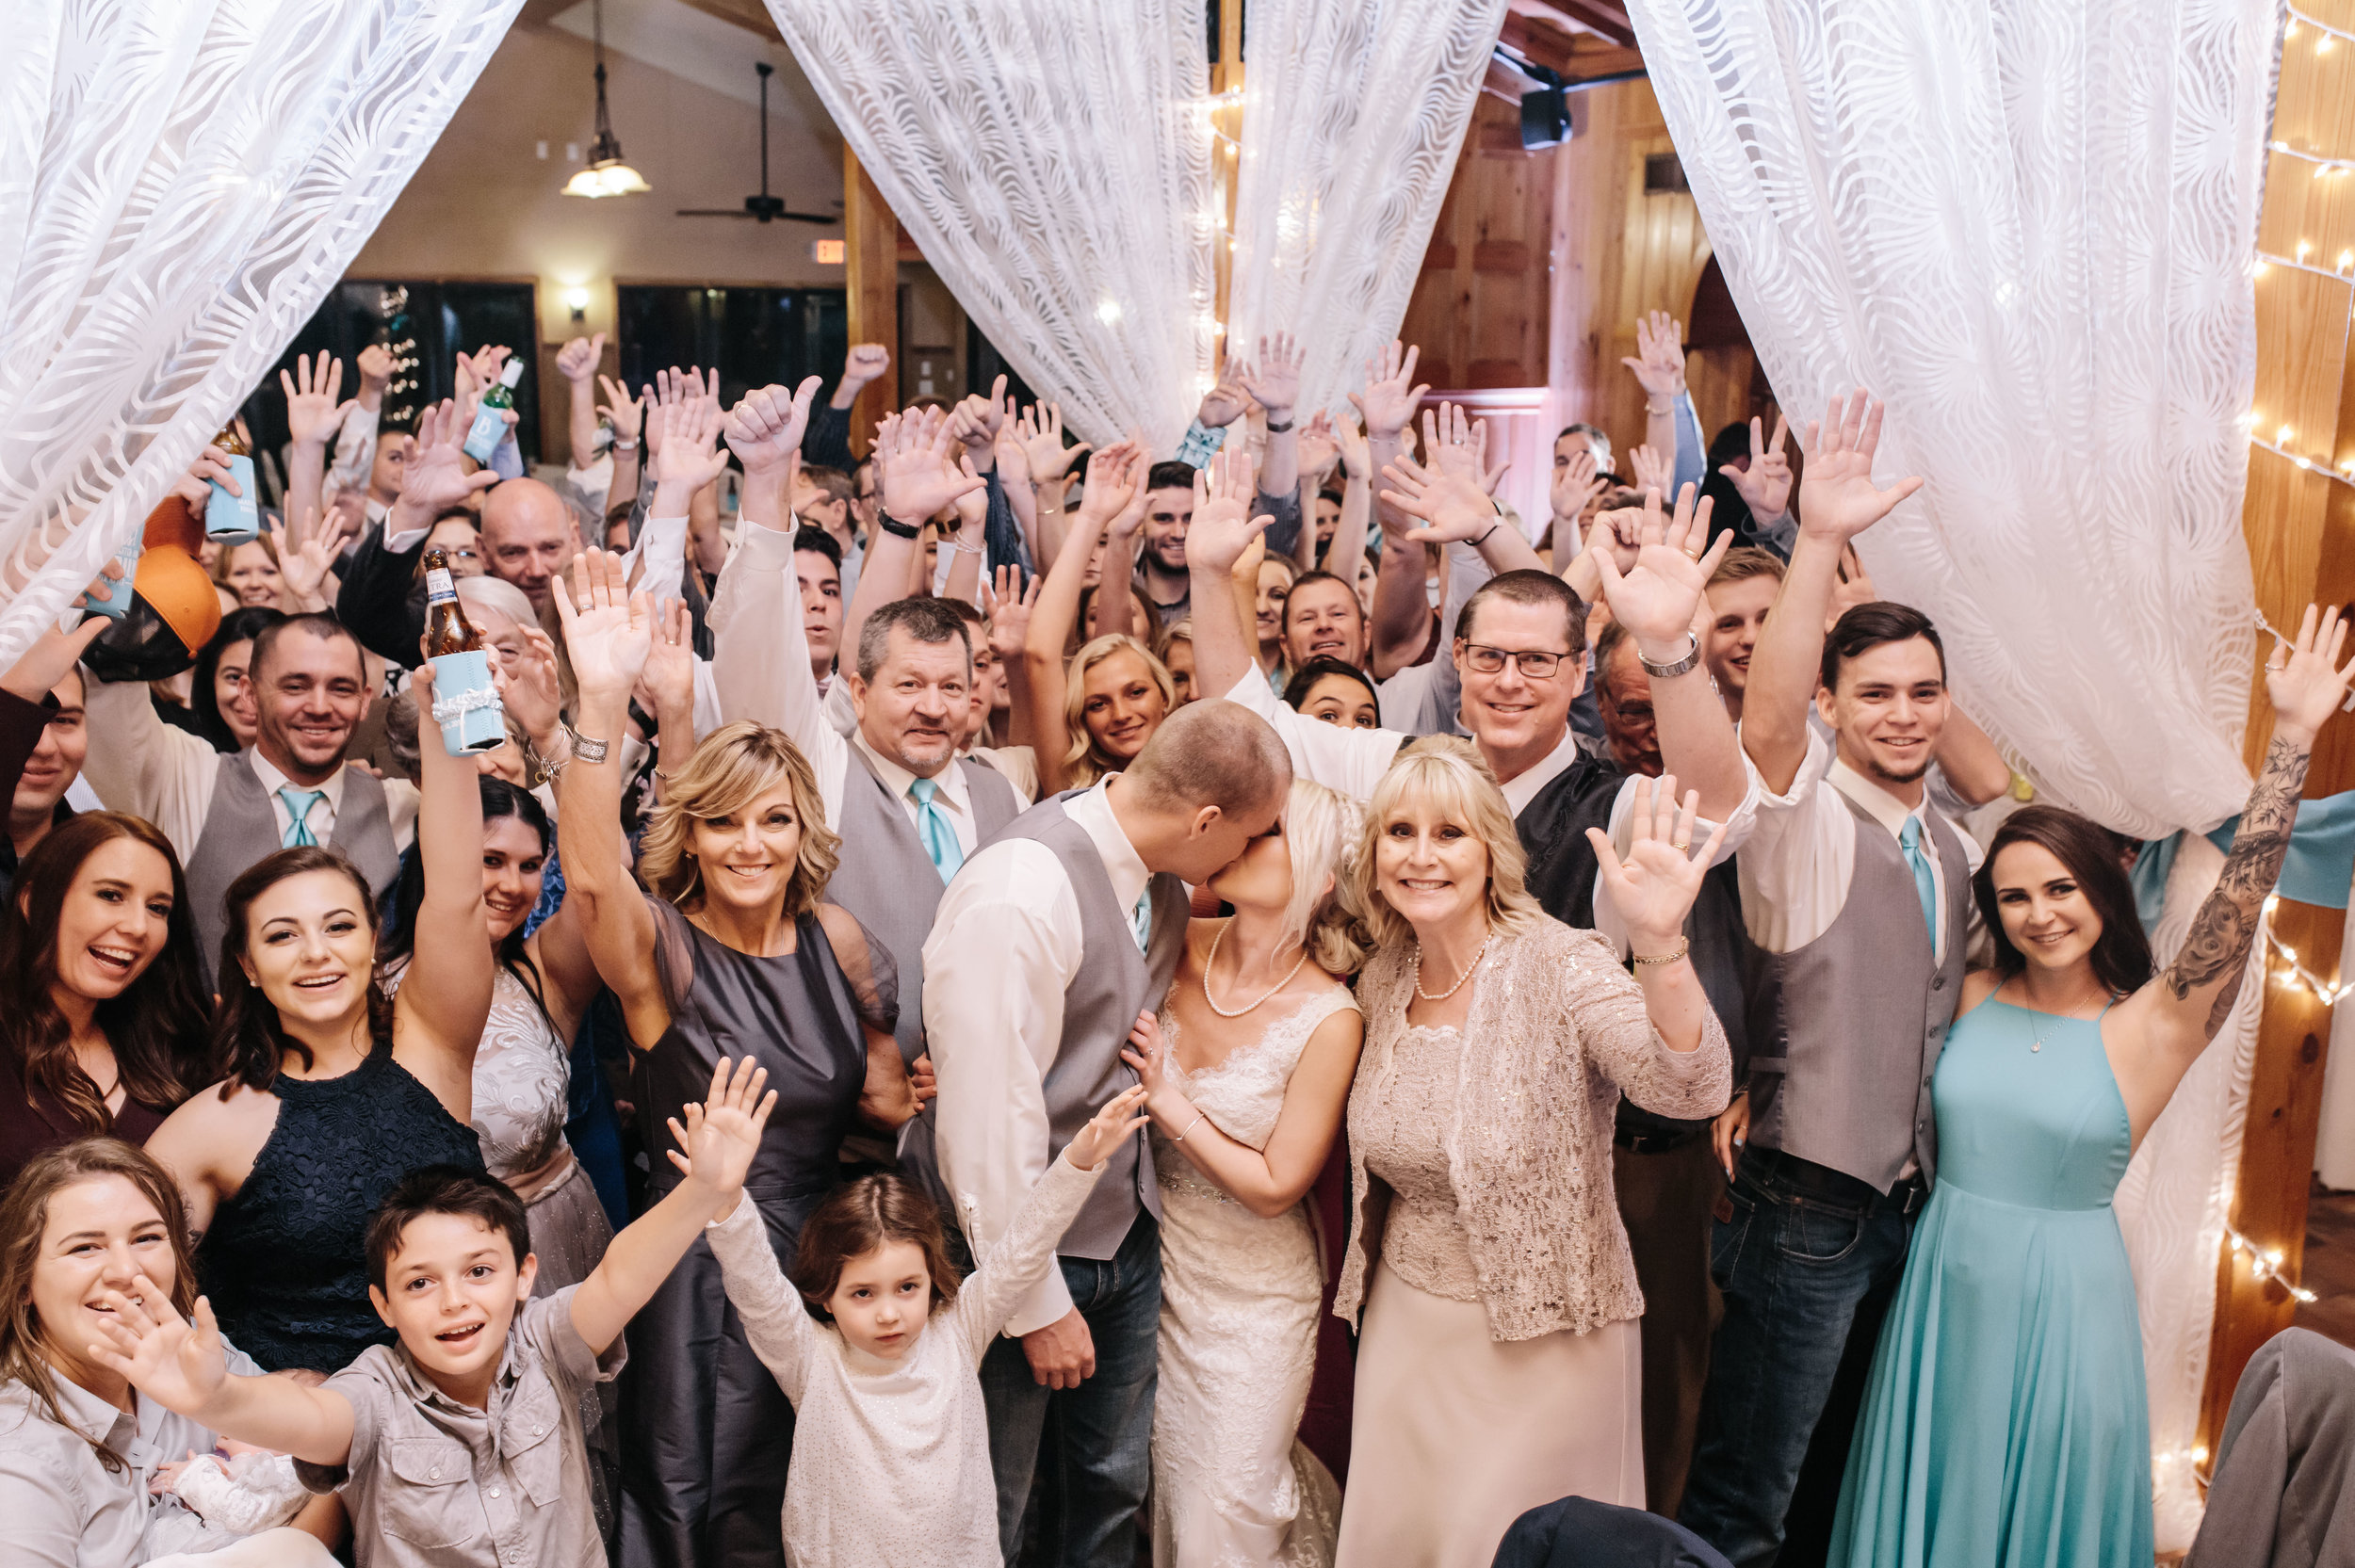 2018.02.10 Mariah and Ryan Baker Estate on Halifax Wedding (1185 of 1218).jpg